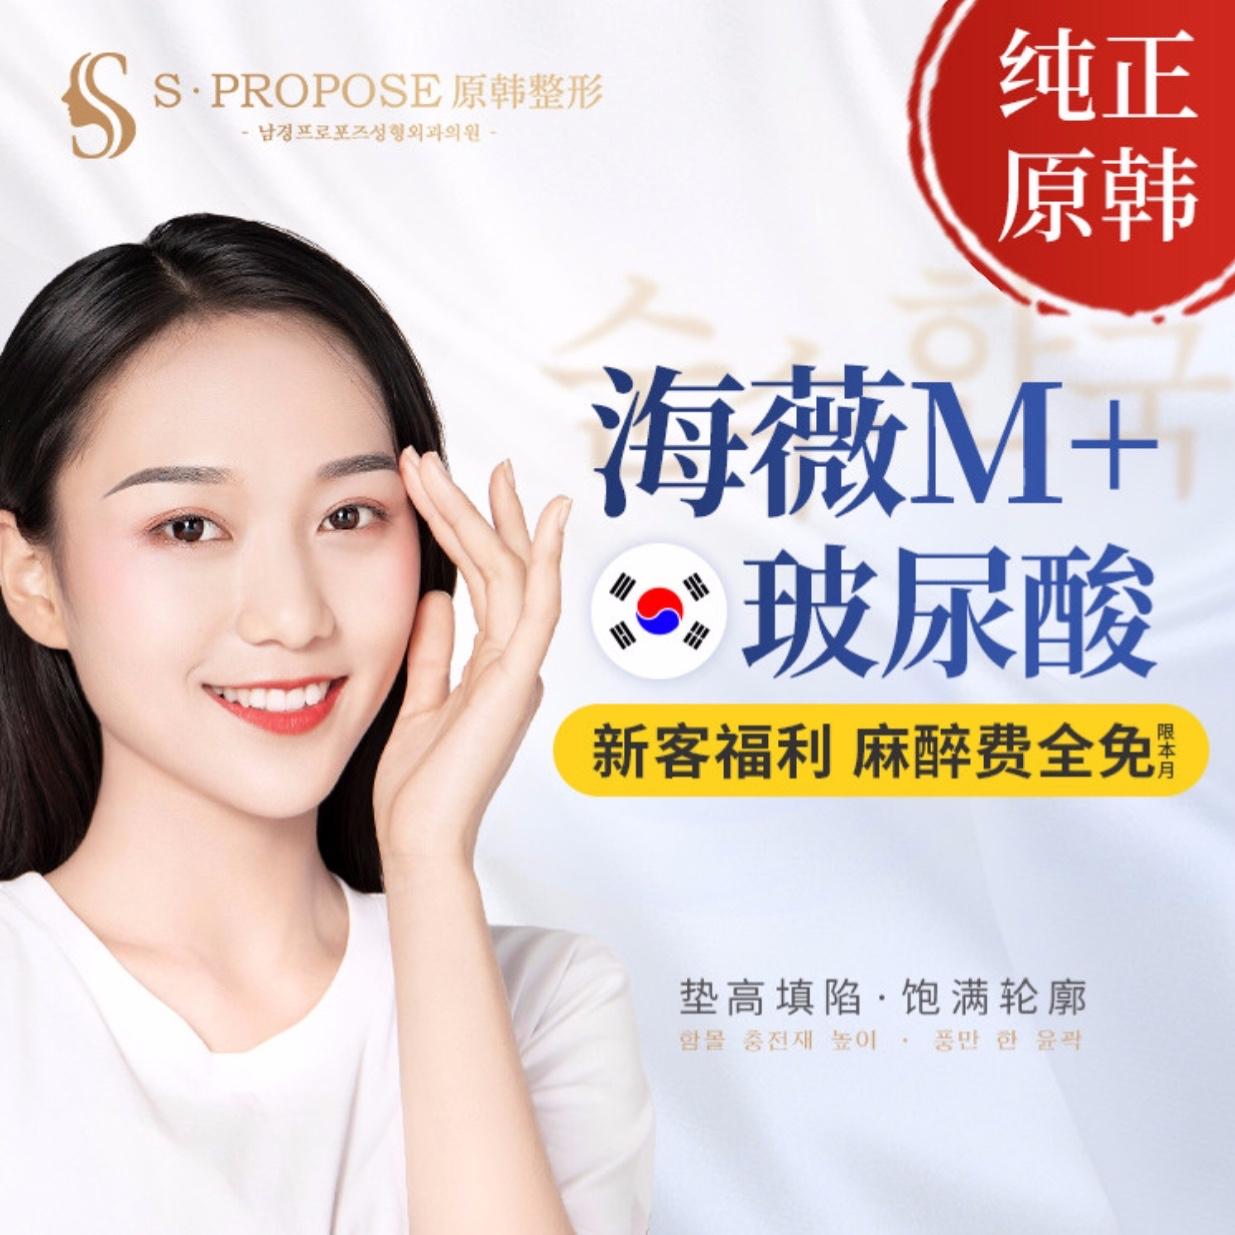 【玻尿酸】海薇M+ 1ml ,高性价比玻尿酸 填充塑形隆鼻 丰太阳穴